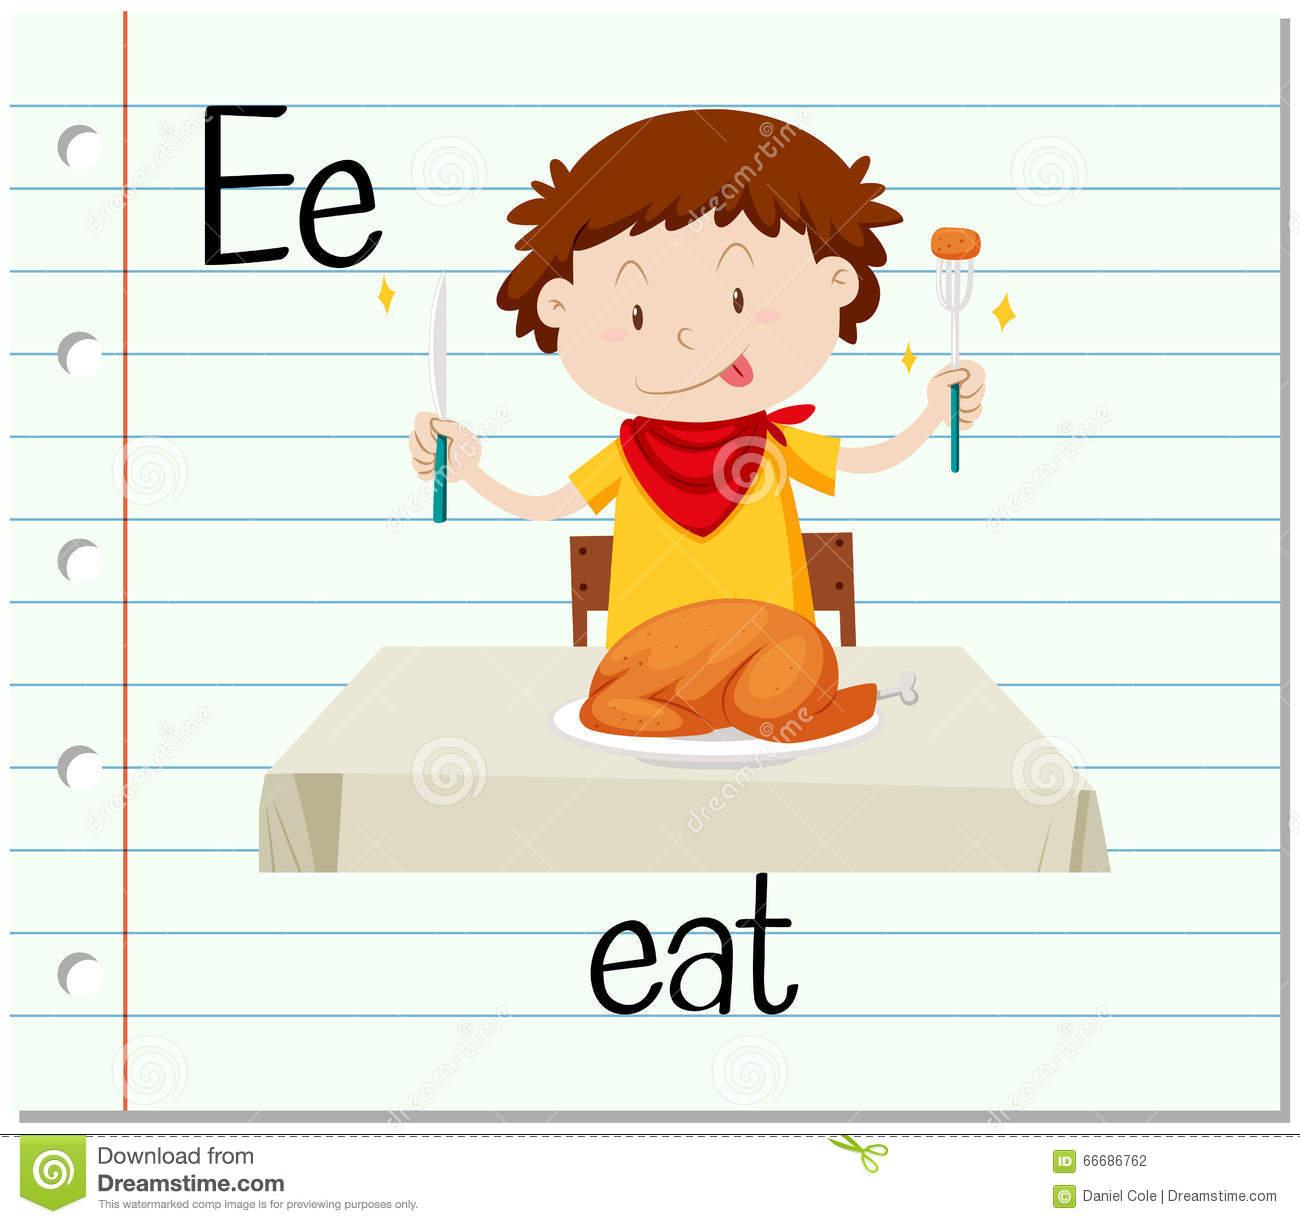 La Lettre E De Flashcard Est Pour Mangent Illustration De destiné Dessin Lettre E